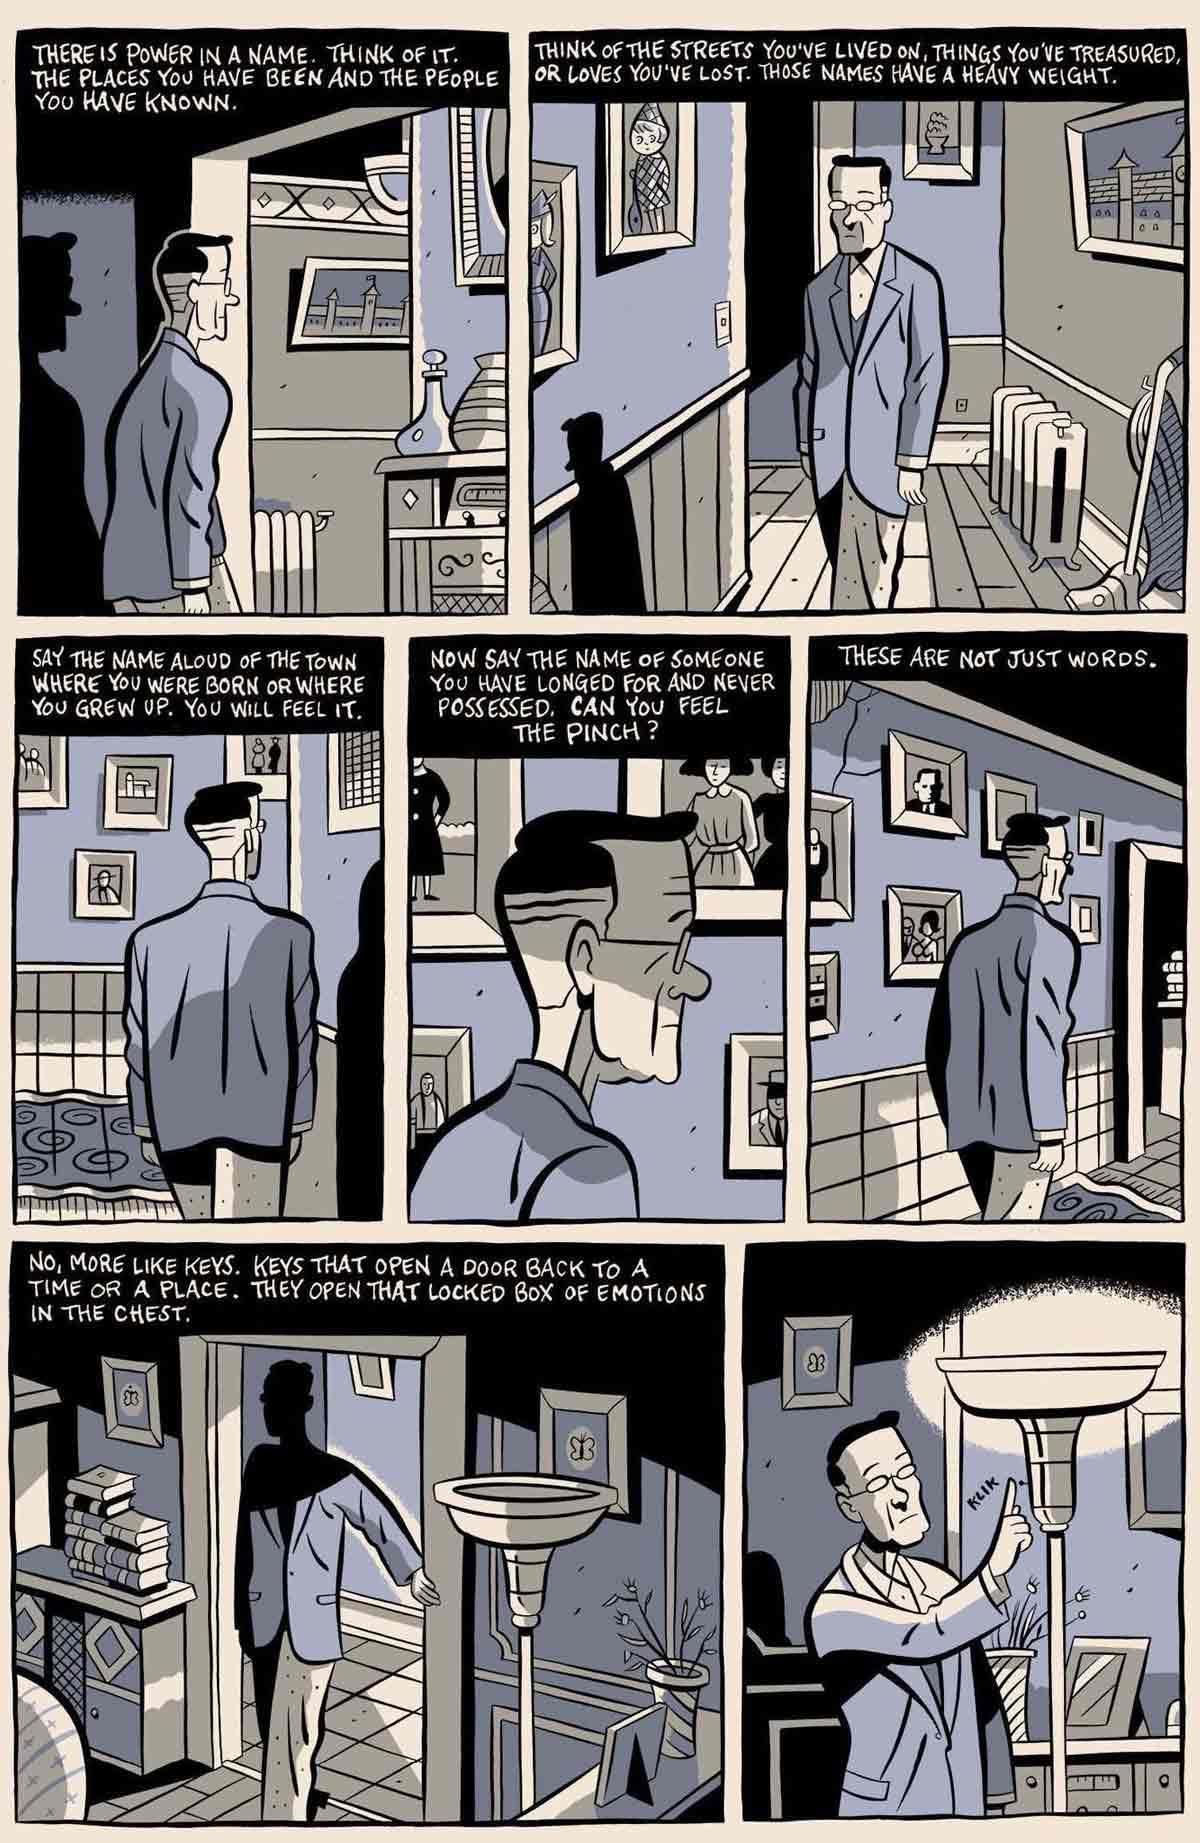 Golem-Comics-Ventiladores-Clyde-seth-04